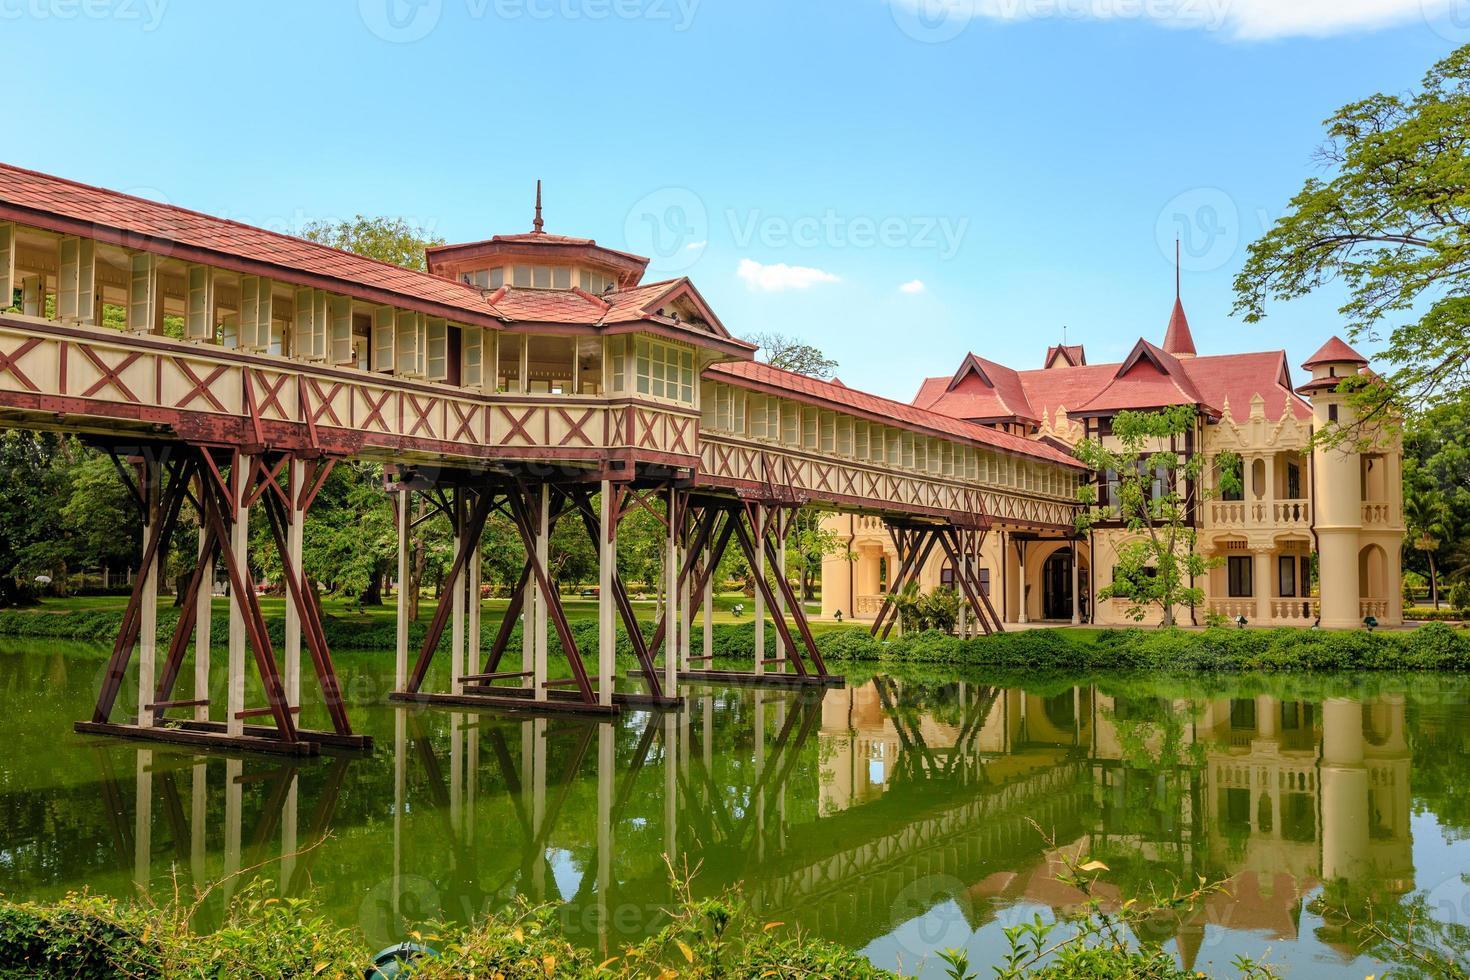 El puente que tiene el techo. foto